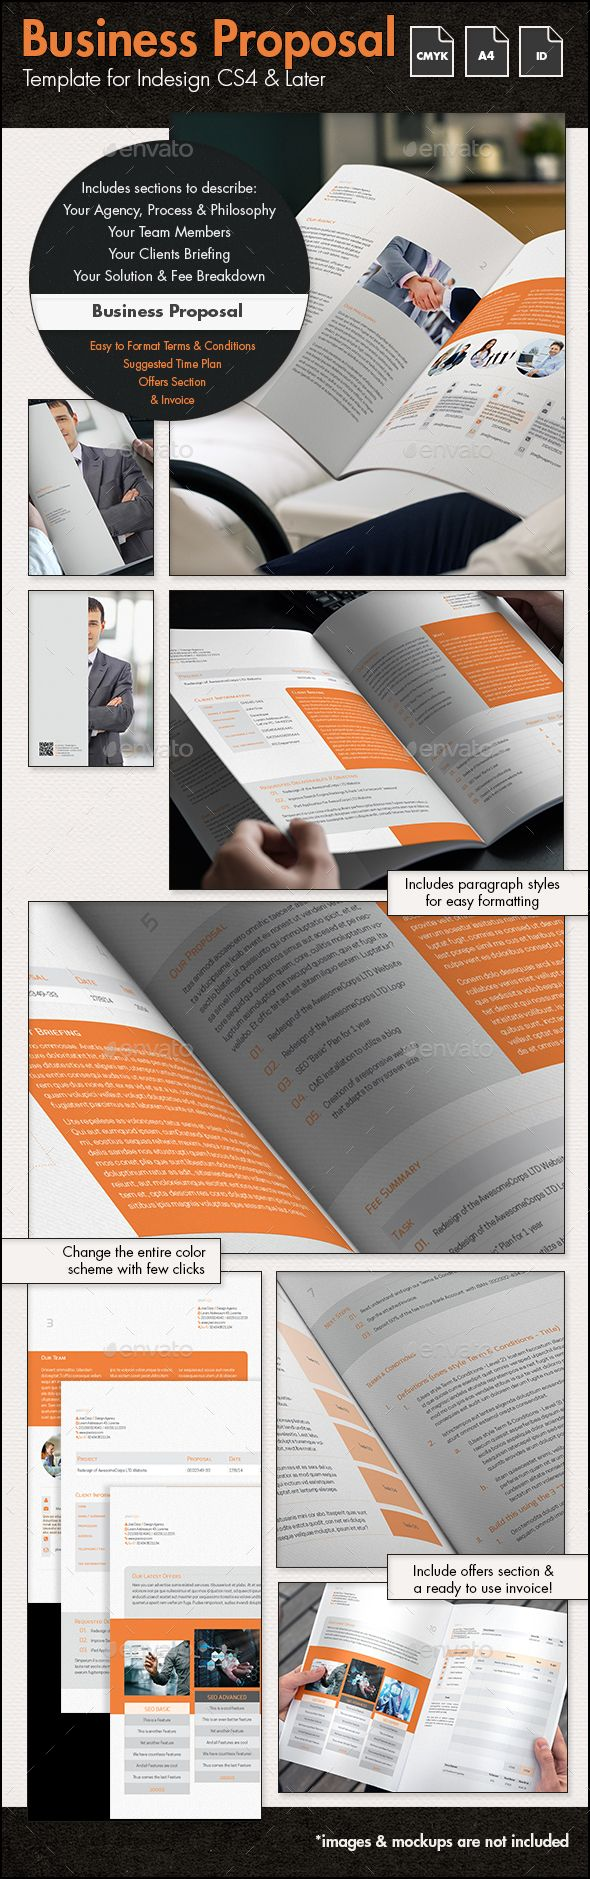 Business Proposal Template - A4 Portrait